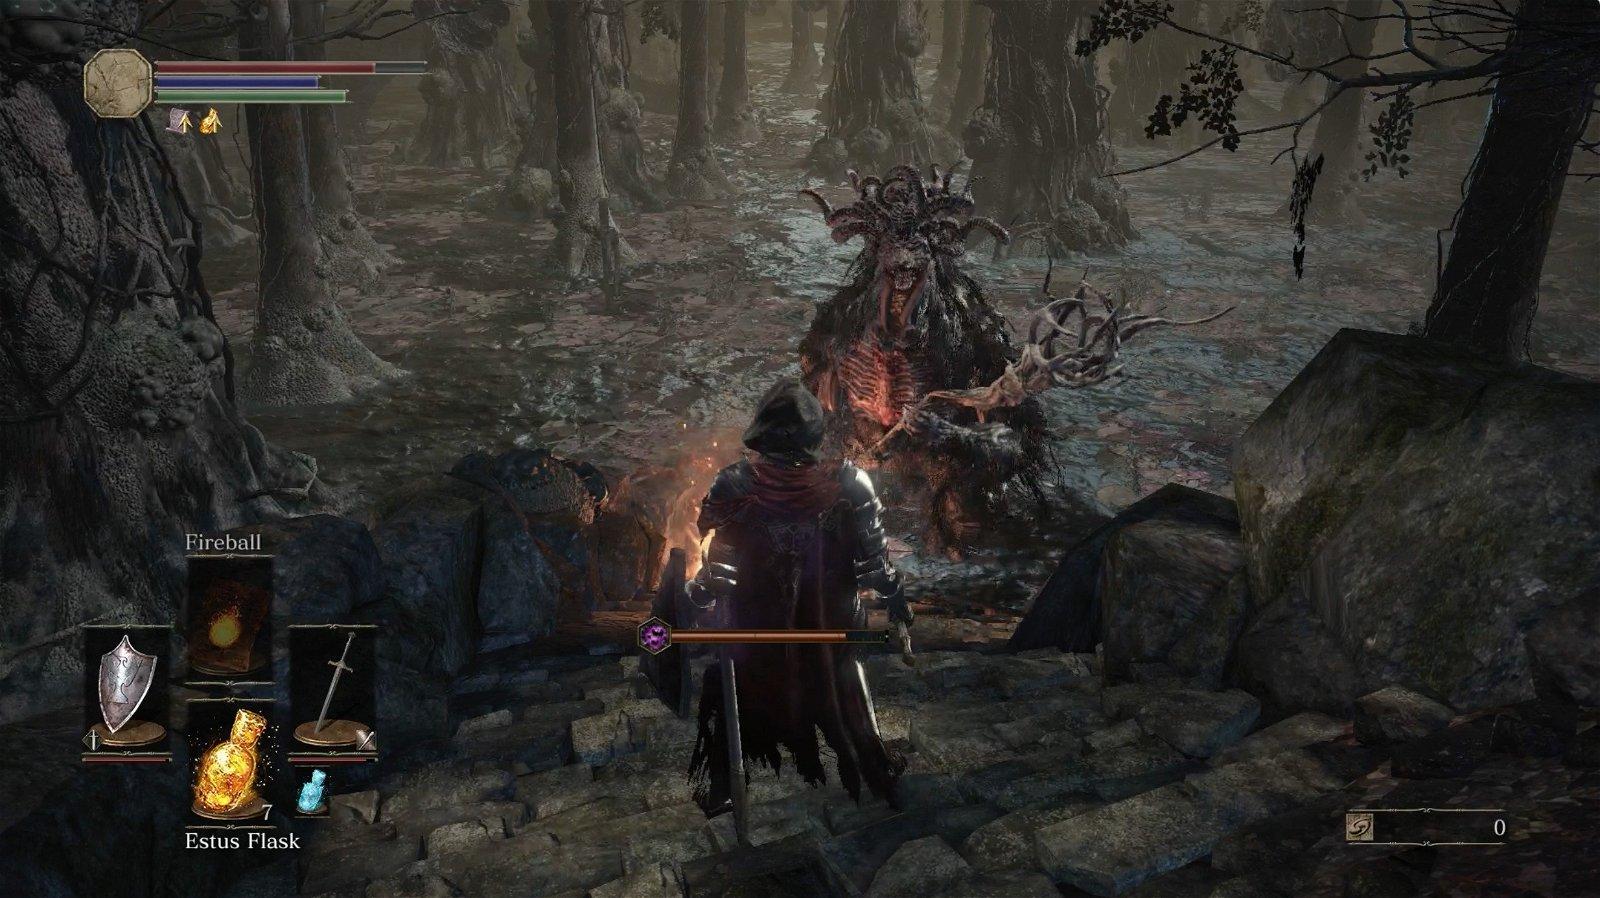 Grandes videojuegos que tienen zonas insufribles